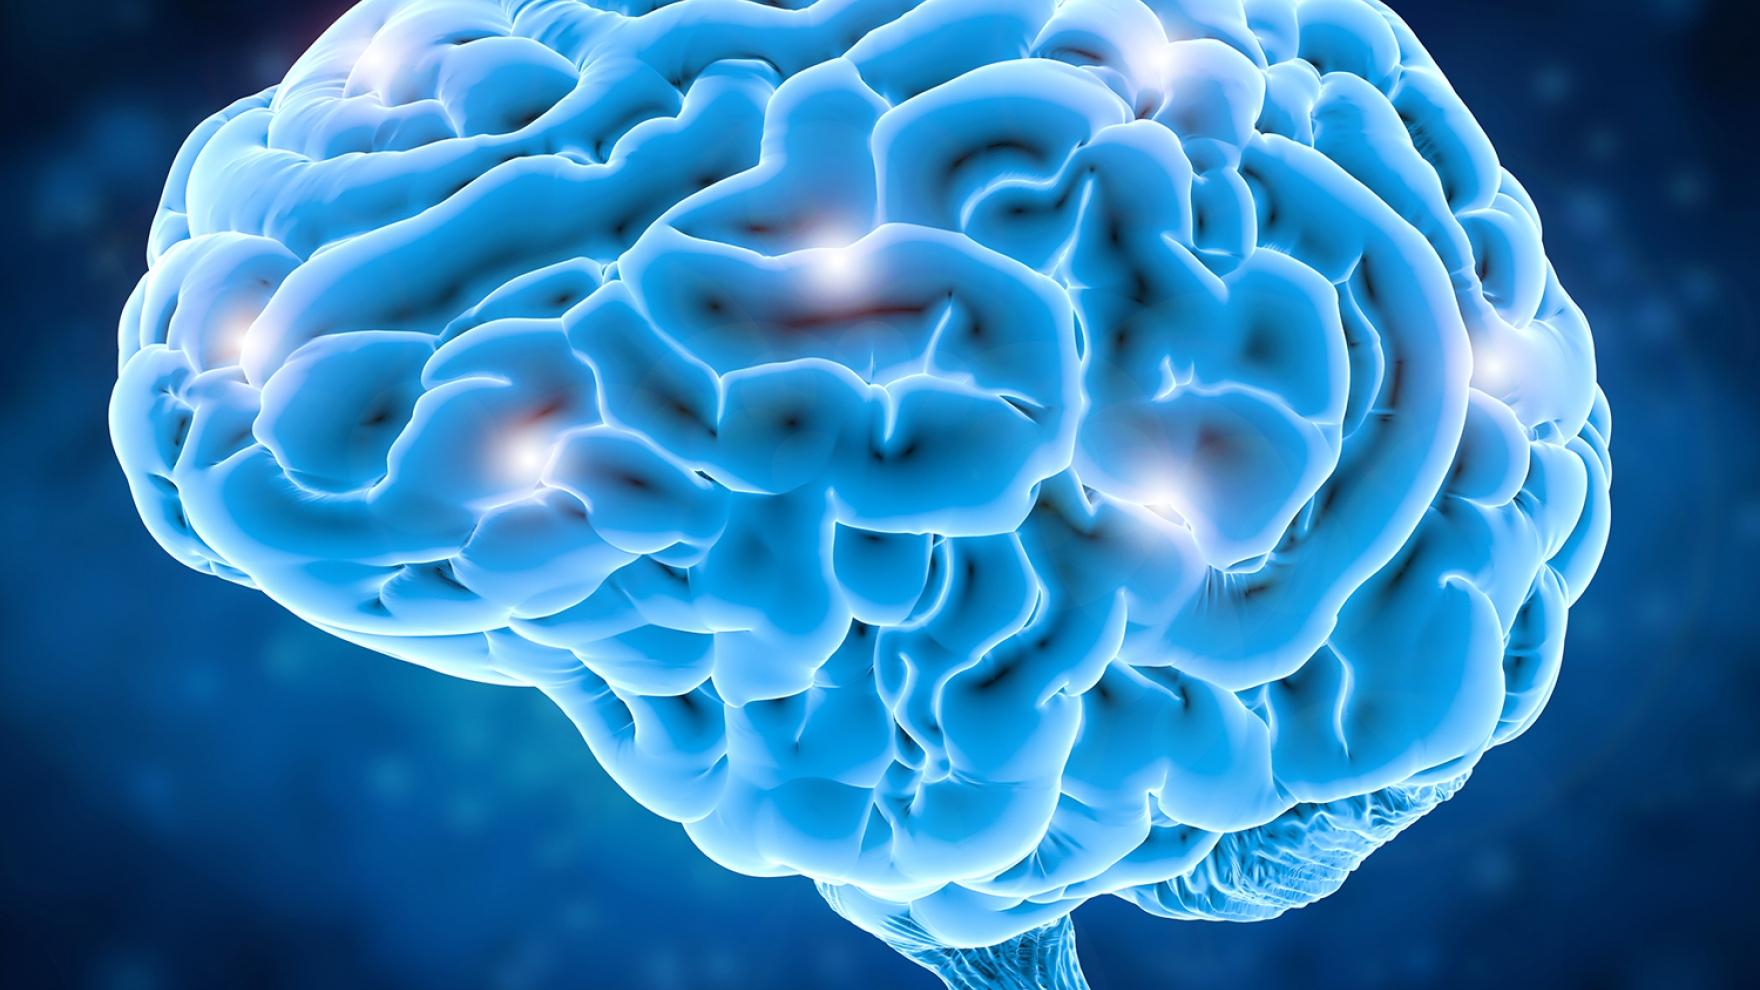 Study Reveals Brain Activity Patterns Underlying Fluent Speech